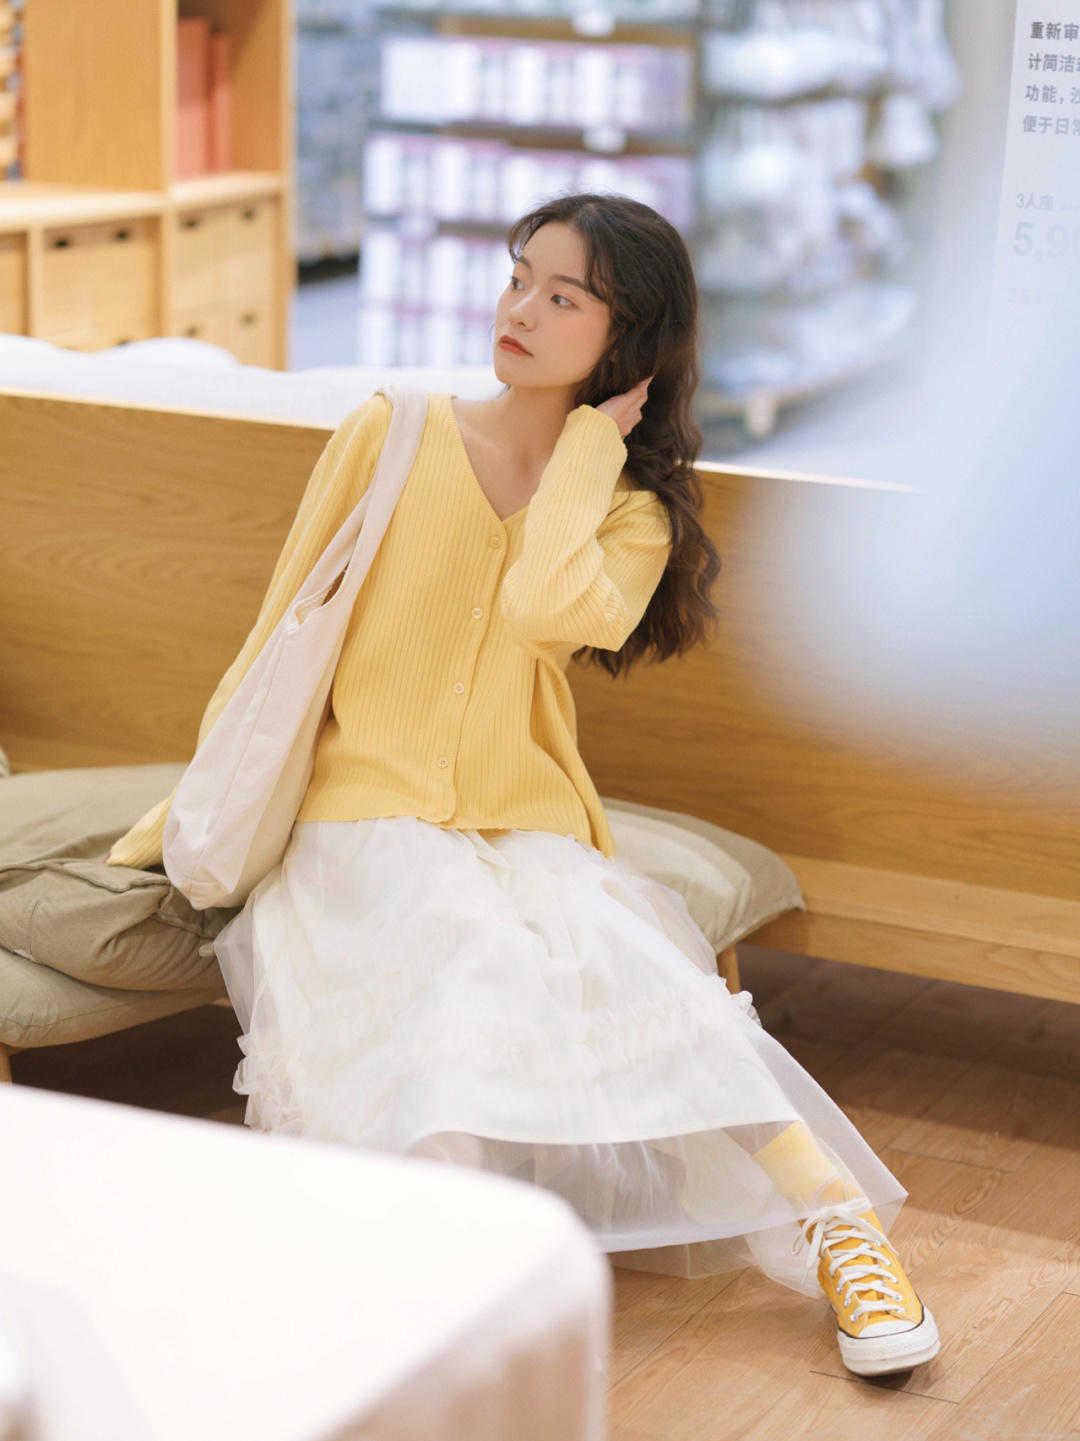 皮肤黄适合穿这6个颜色,穿什么颜色显白